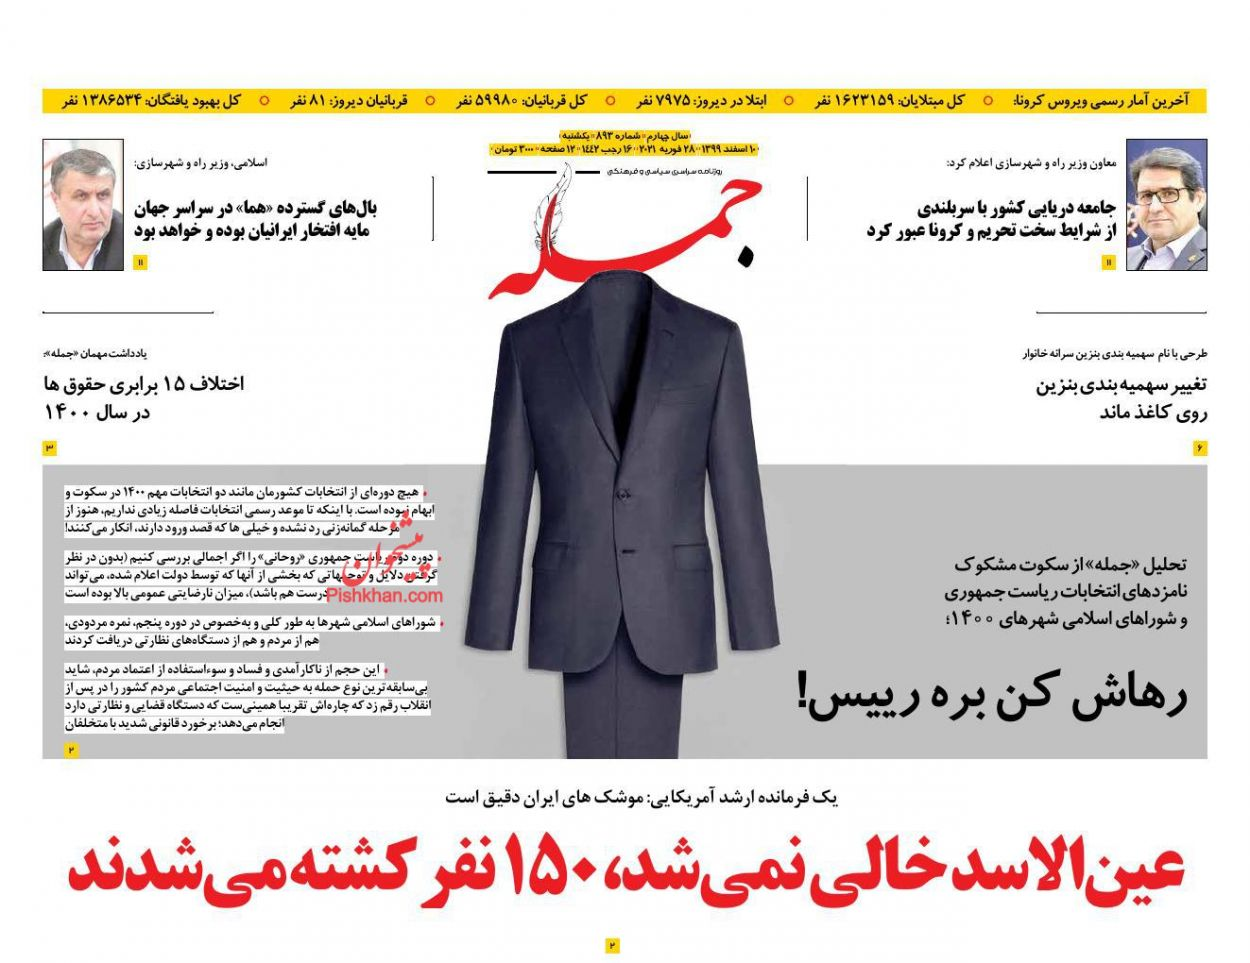 عناوین اخبار روزنامه جمله در روز یکشنبه ۱۰ اسفند